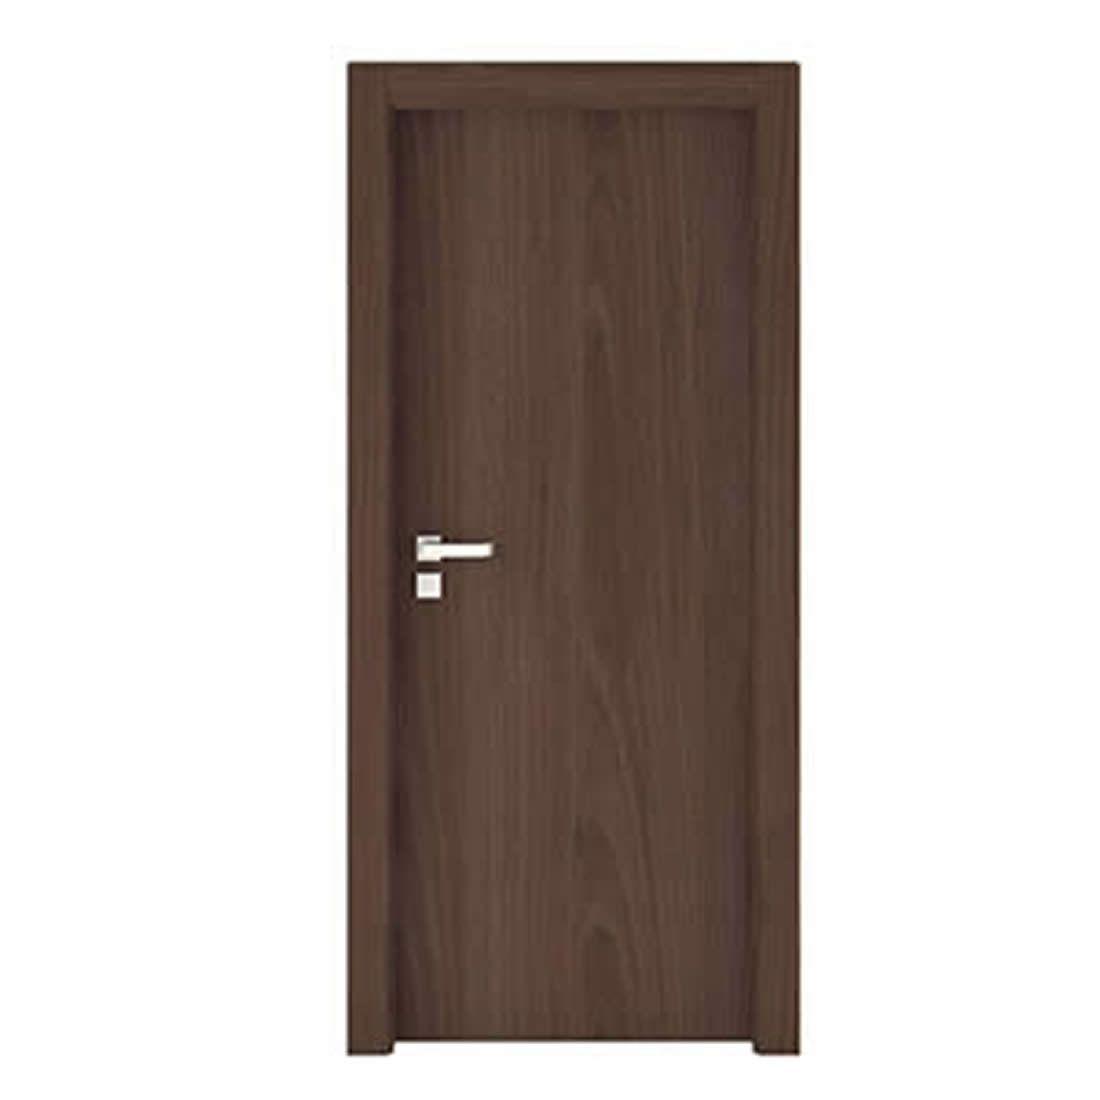 Kit Porta Concrem Wood 2,10 x 0,90 x 3,5 cm Direita Imbuia